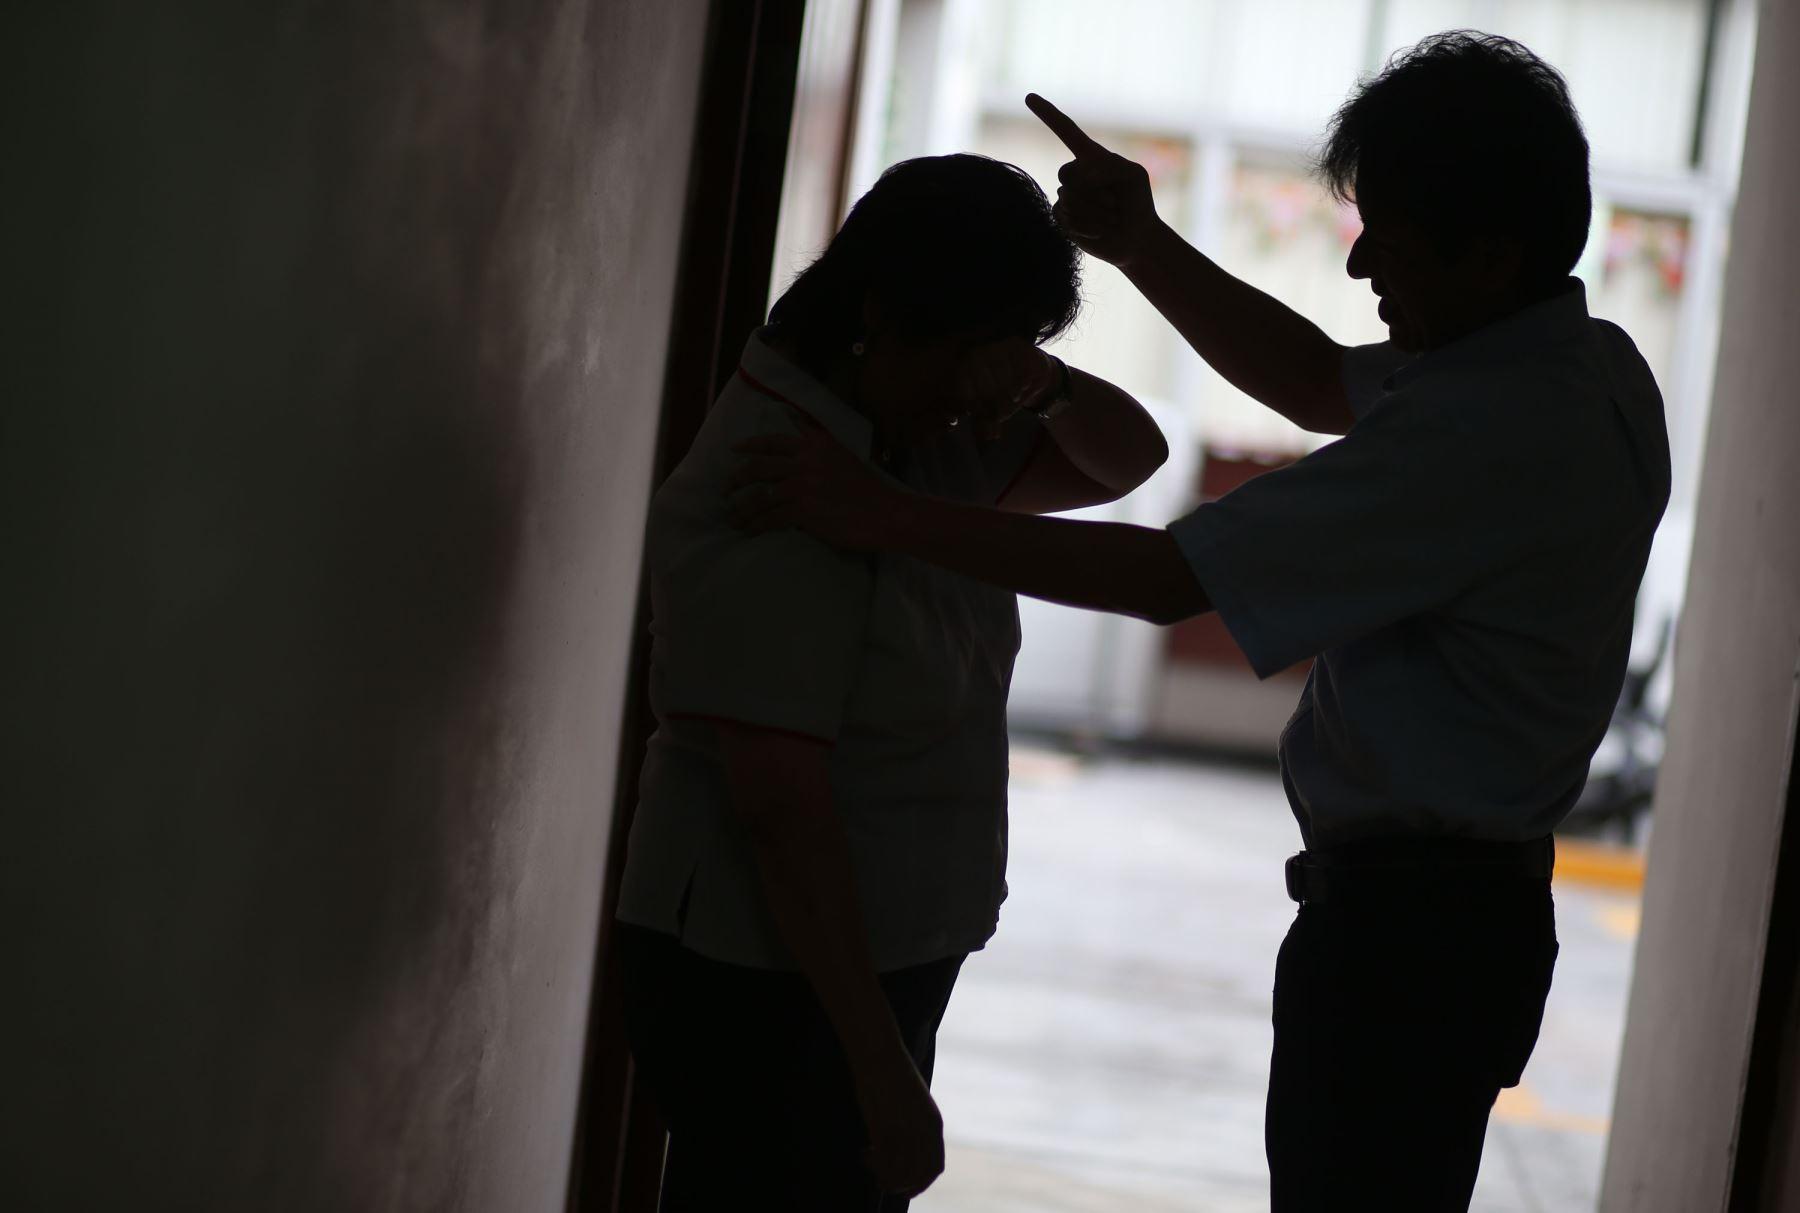 La otra pandemia. Sobre la violencia de género en medio de la cuarentena